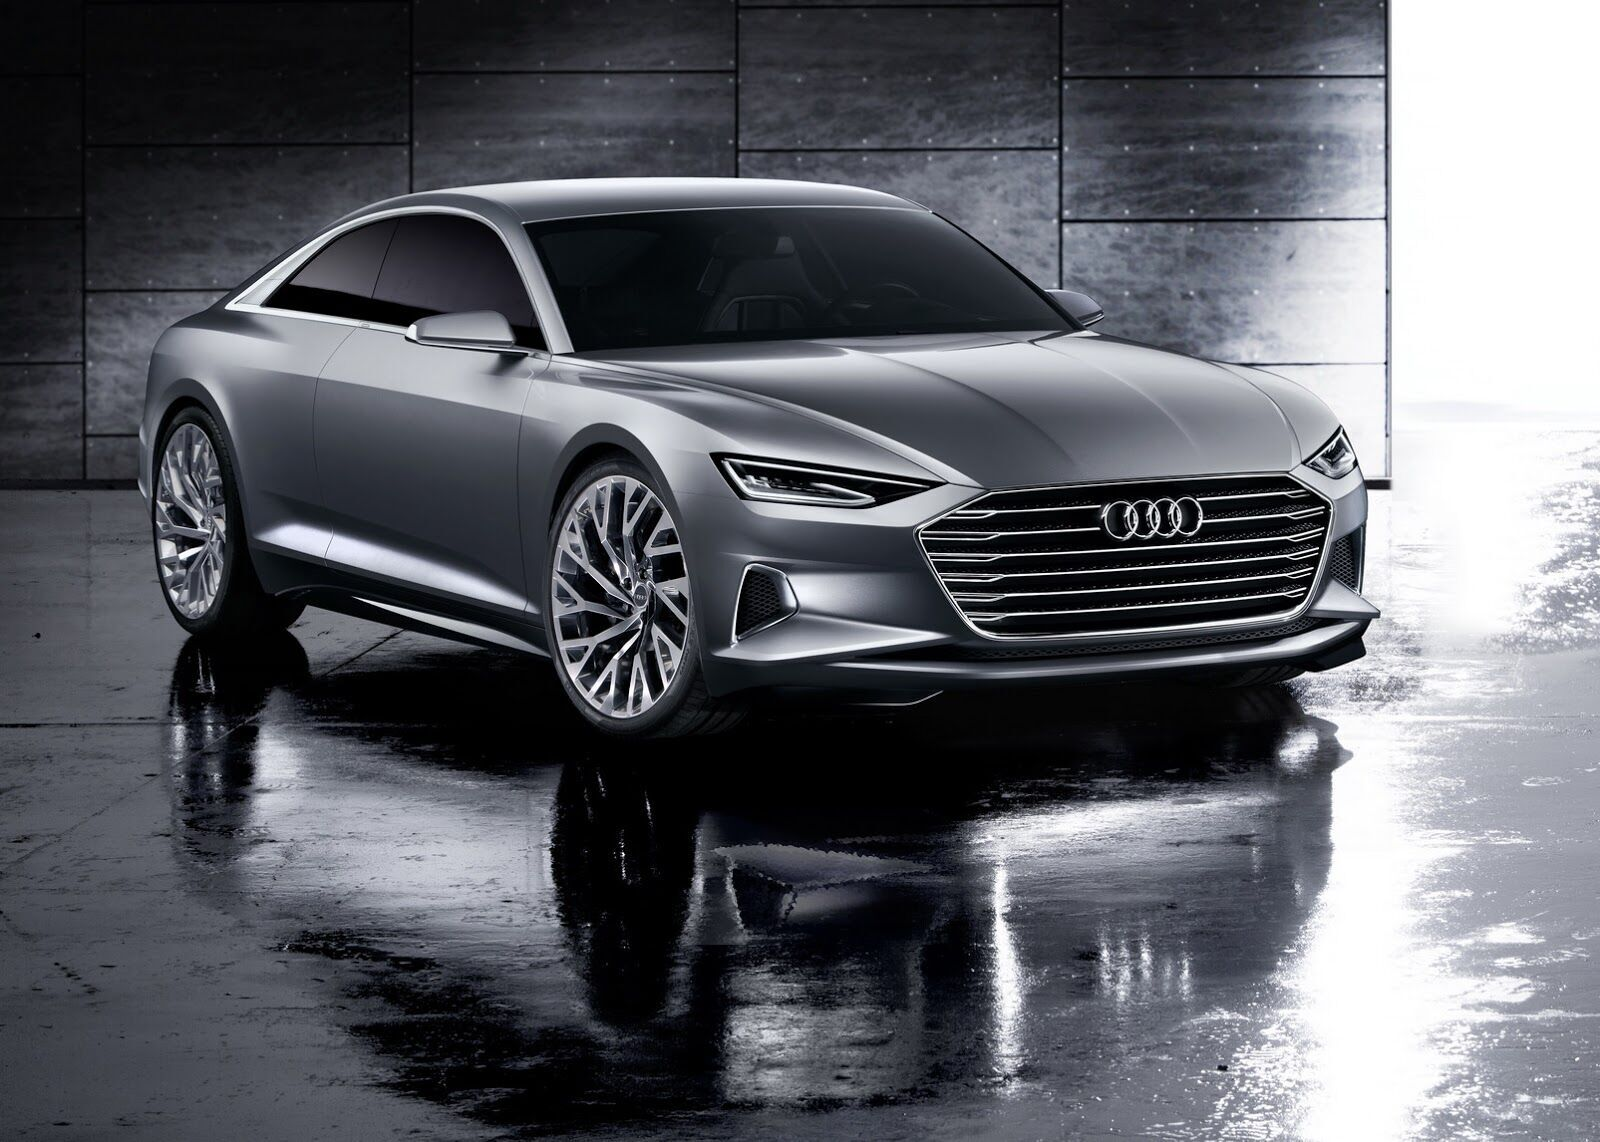 Audi змусила нас повірити в мрію, та в продаж машину так і не відправила